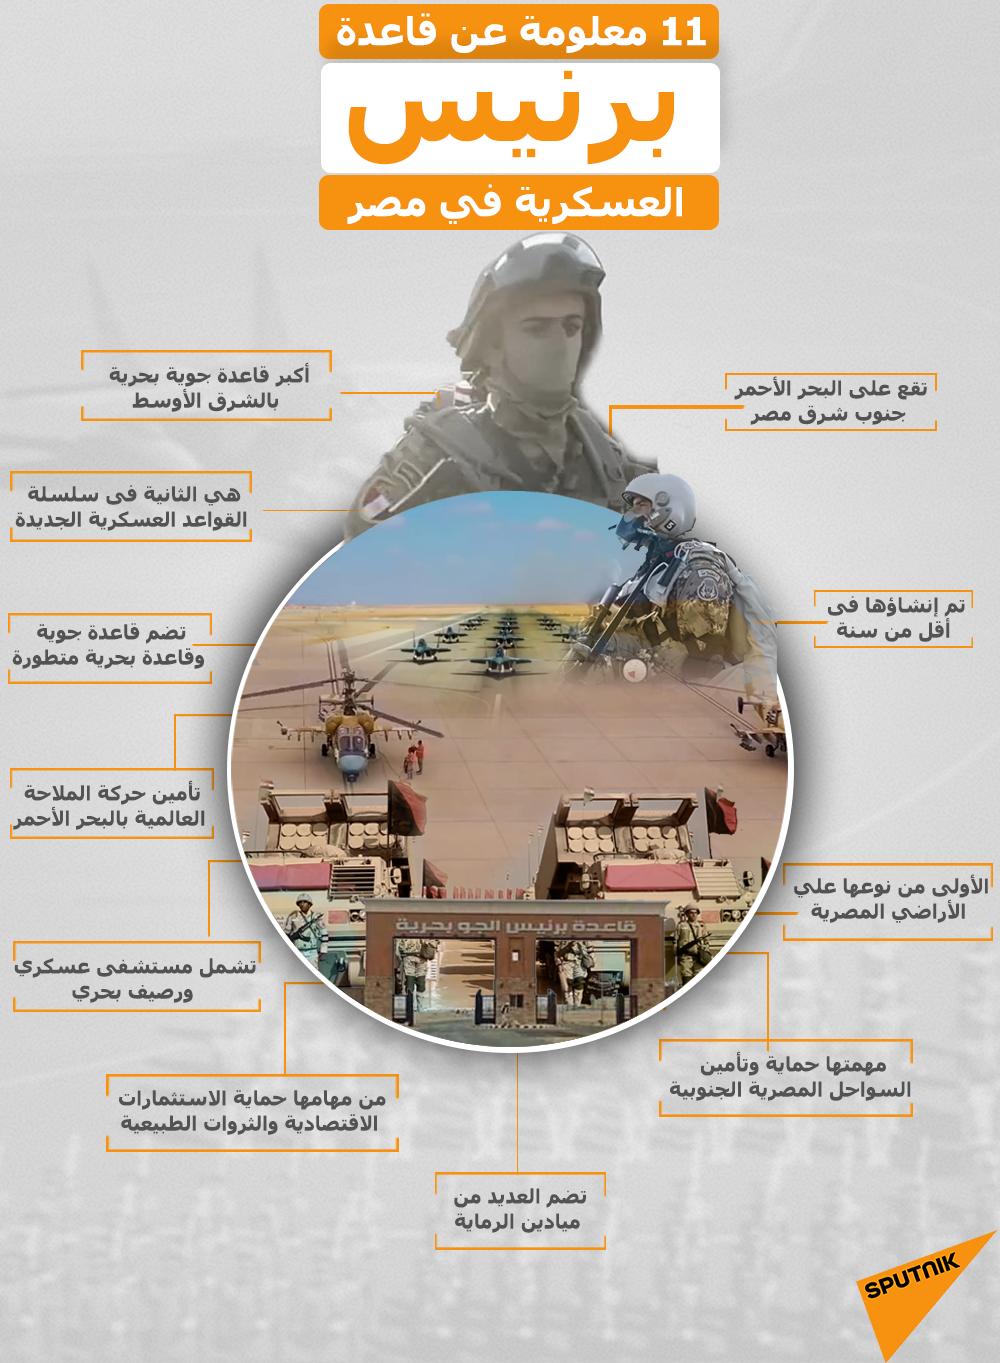 إنفوجراف - 11 معلومة عن قاعدة برنيس العسكرية في مصر